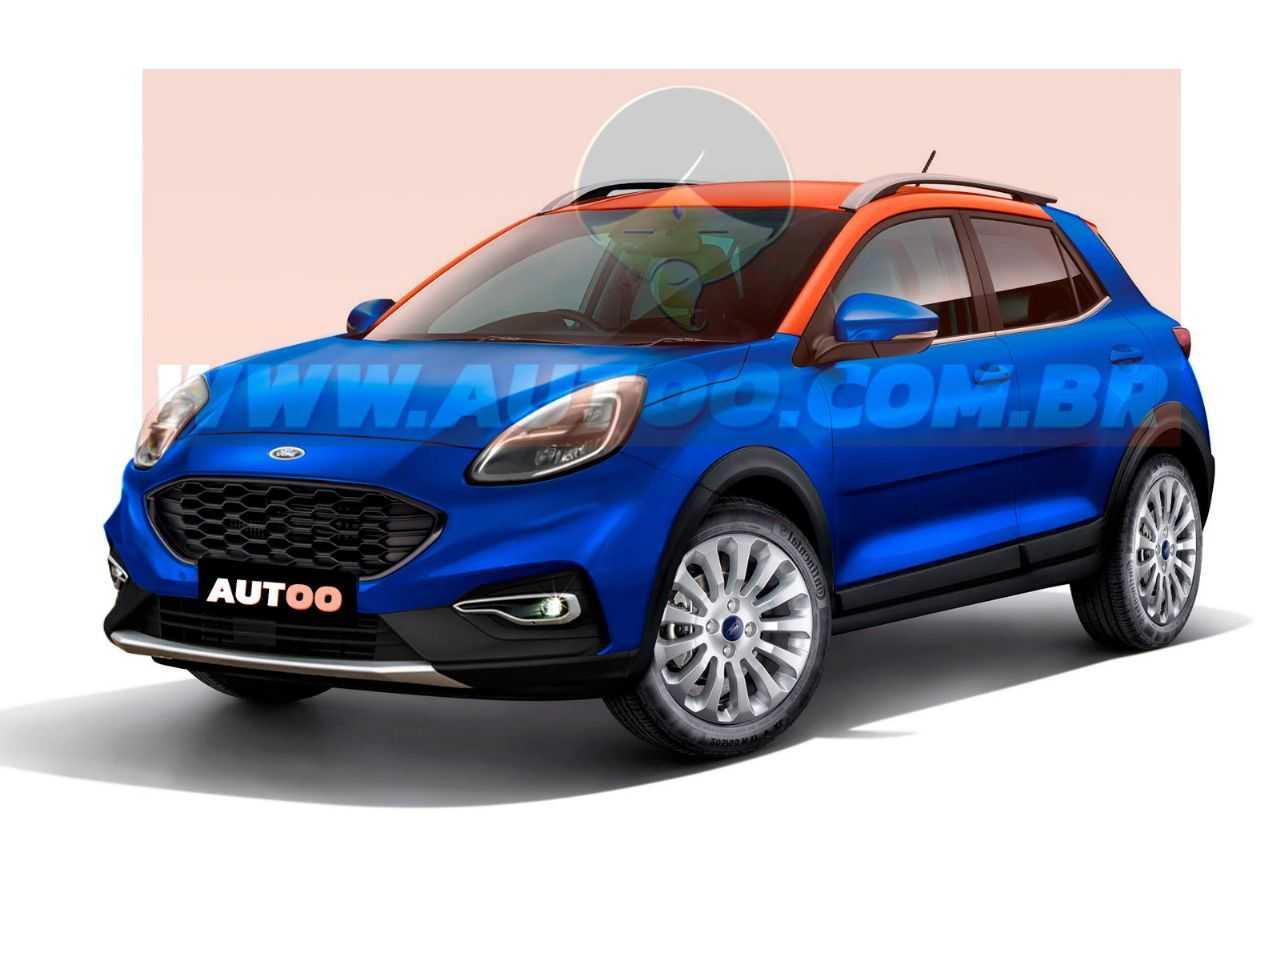 Mesclando SUVs recentes da Ford, designer criou um projeção artística para um eventual Ka crossover